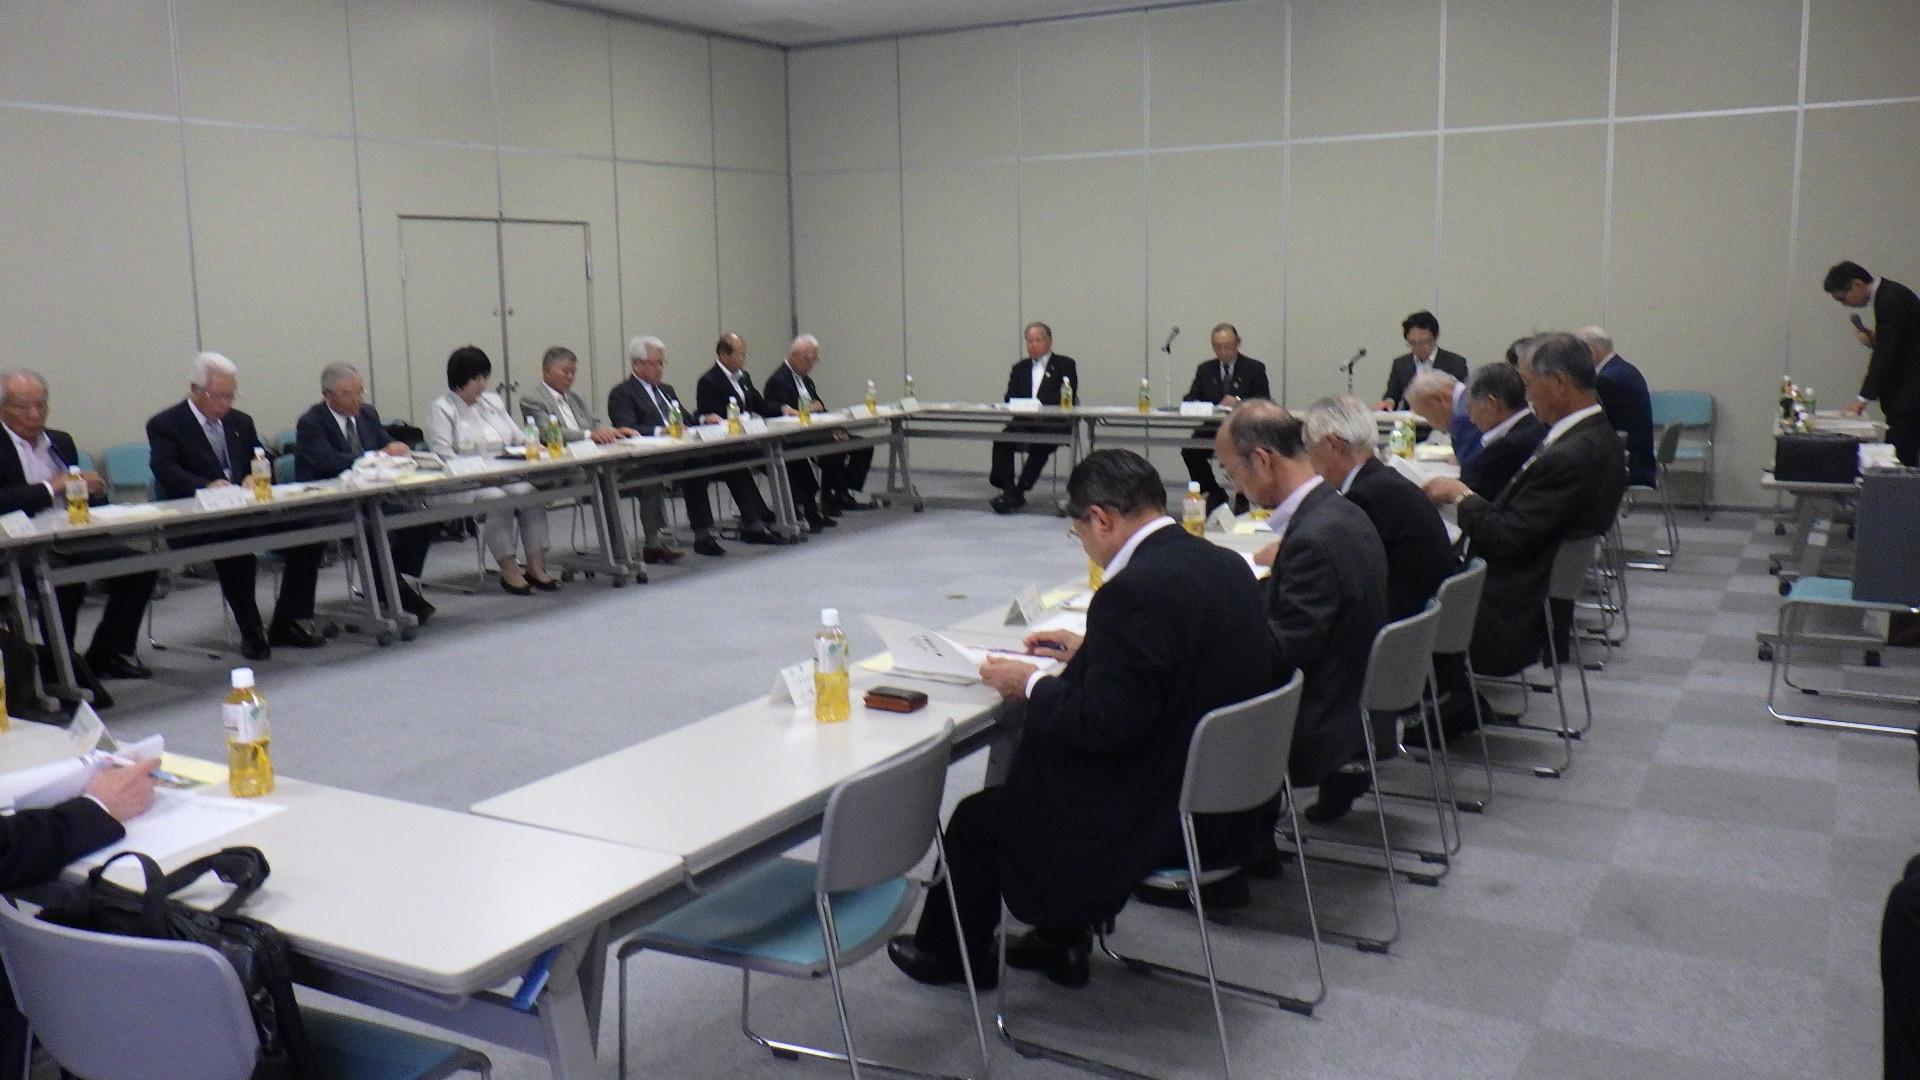 令和元年度第1回理事会等の会議を開催しました